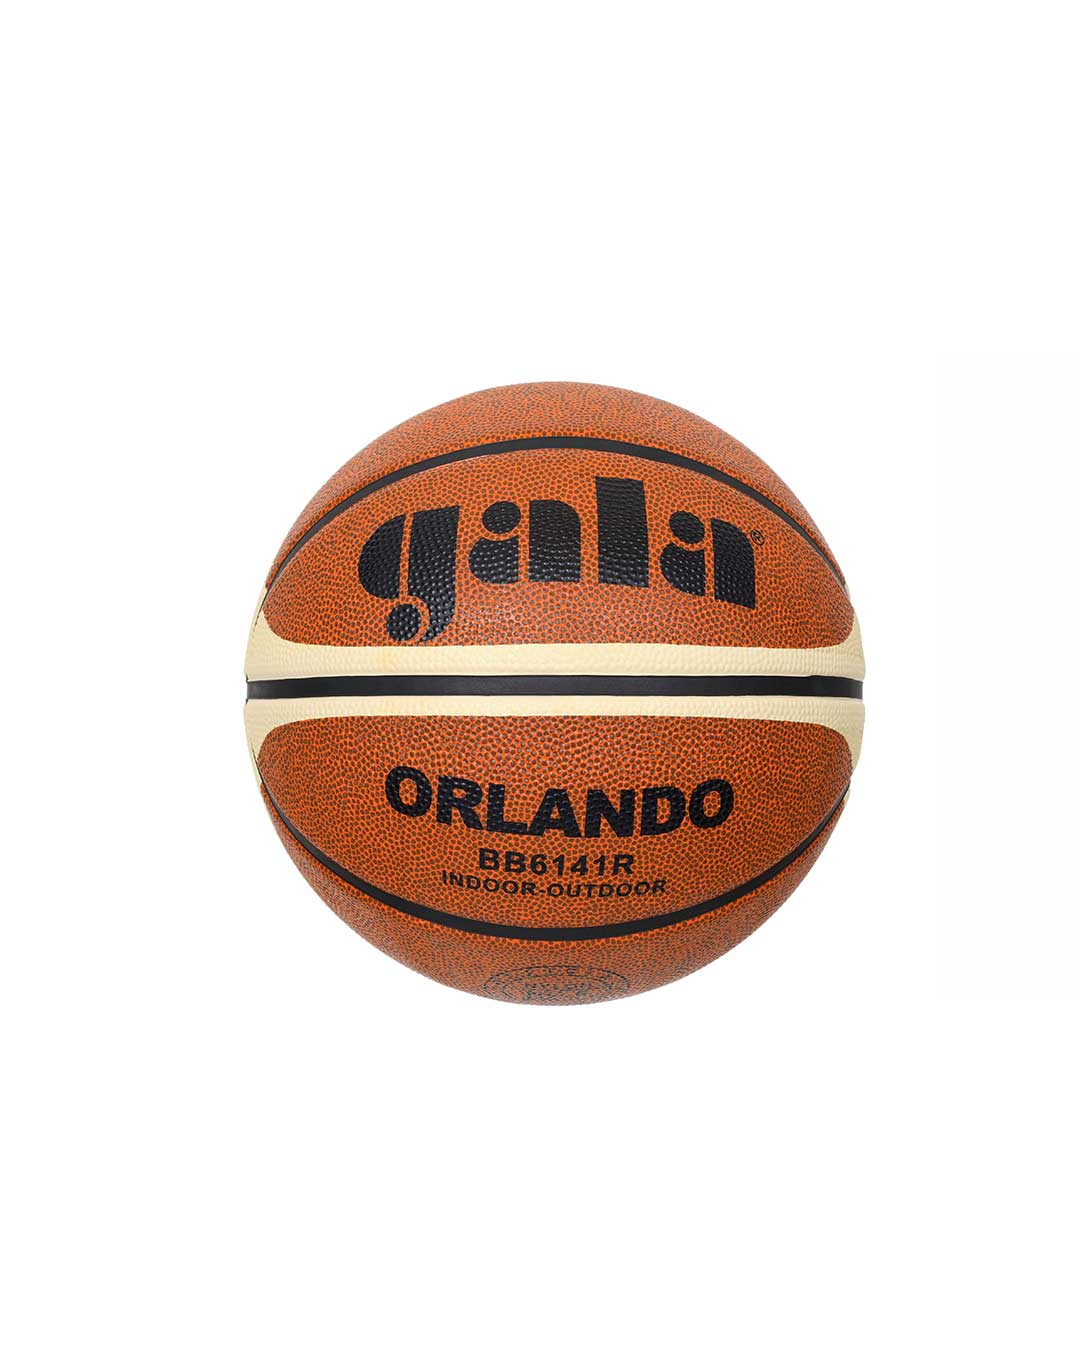 Balón básquetbol Modelo Orlando